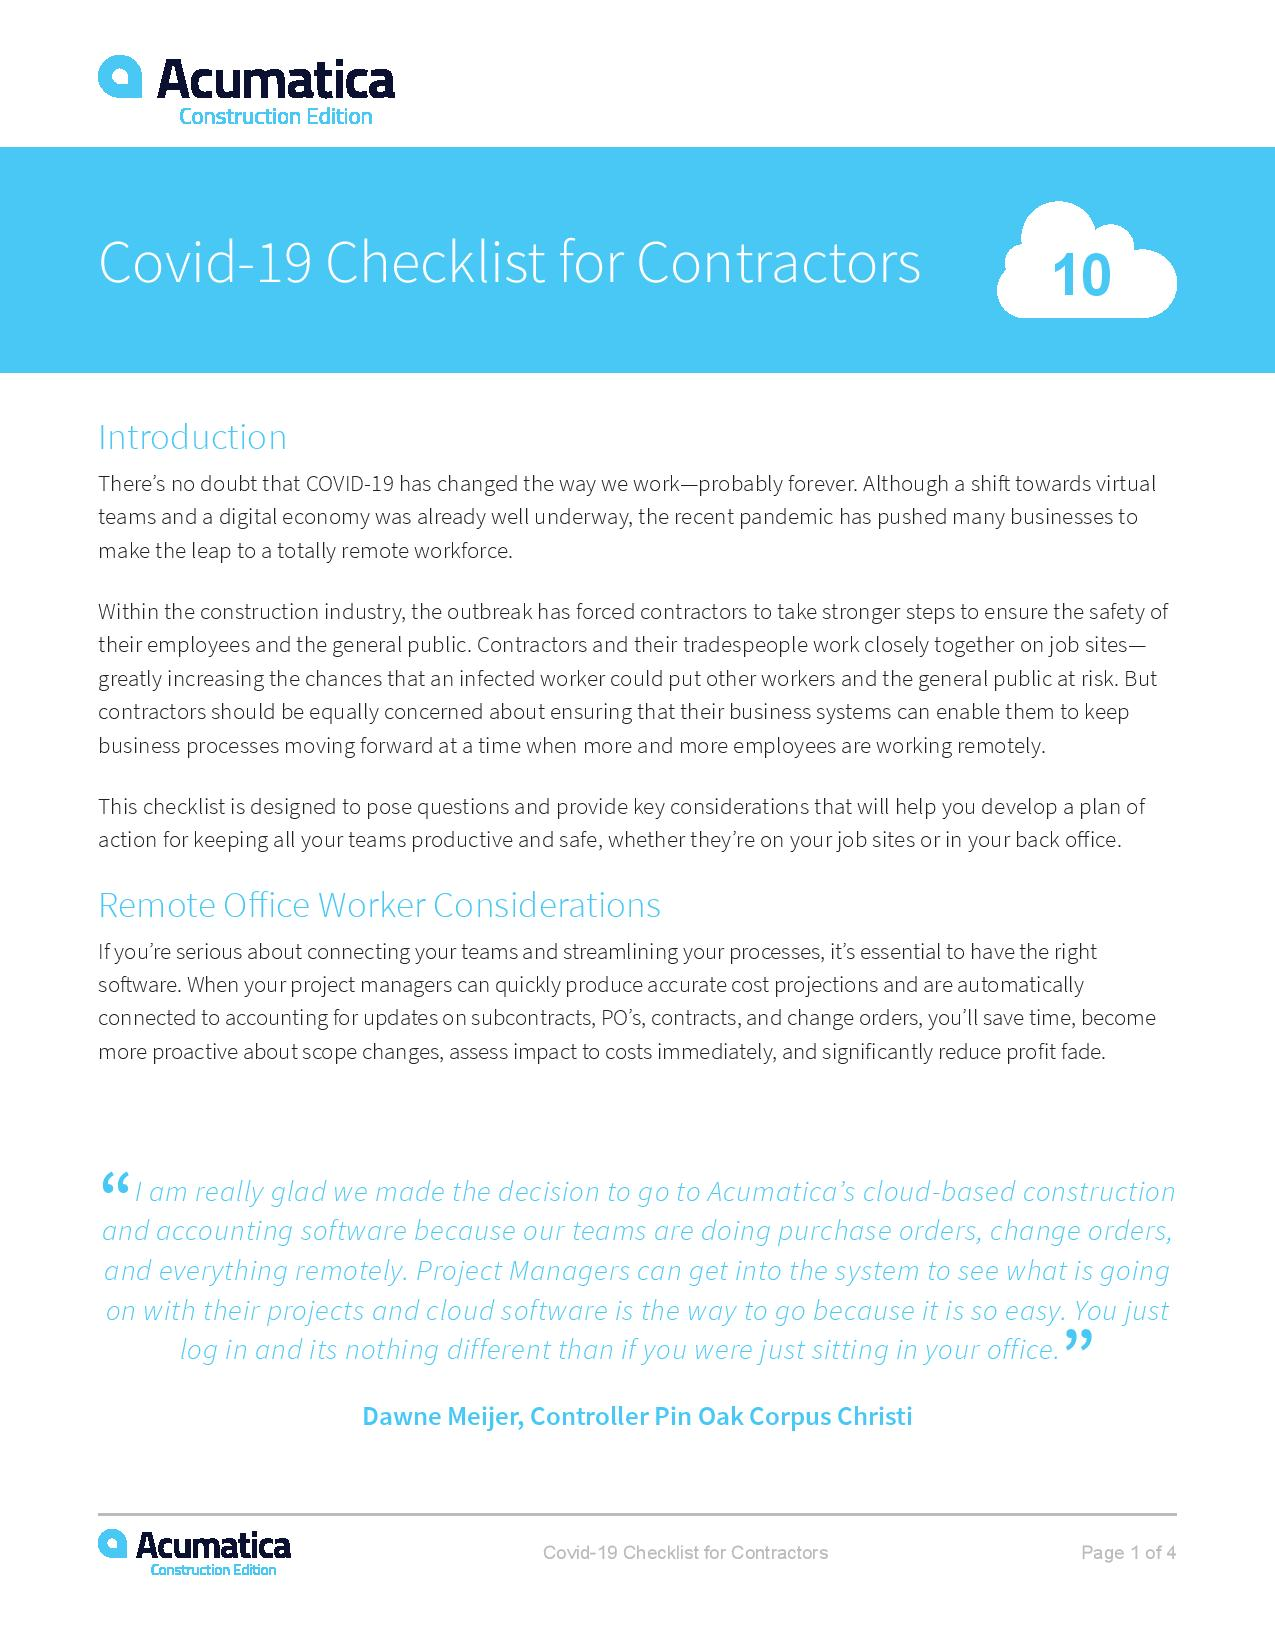 COVID-19 Checklist for Contractors, page 0